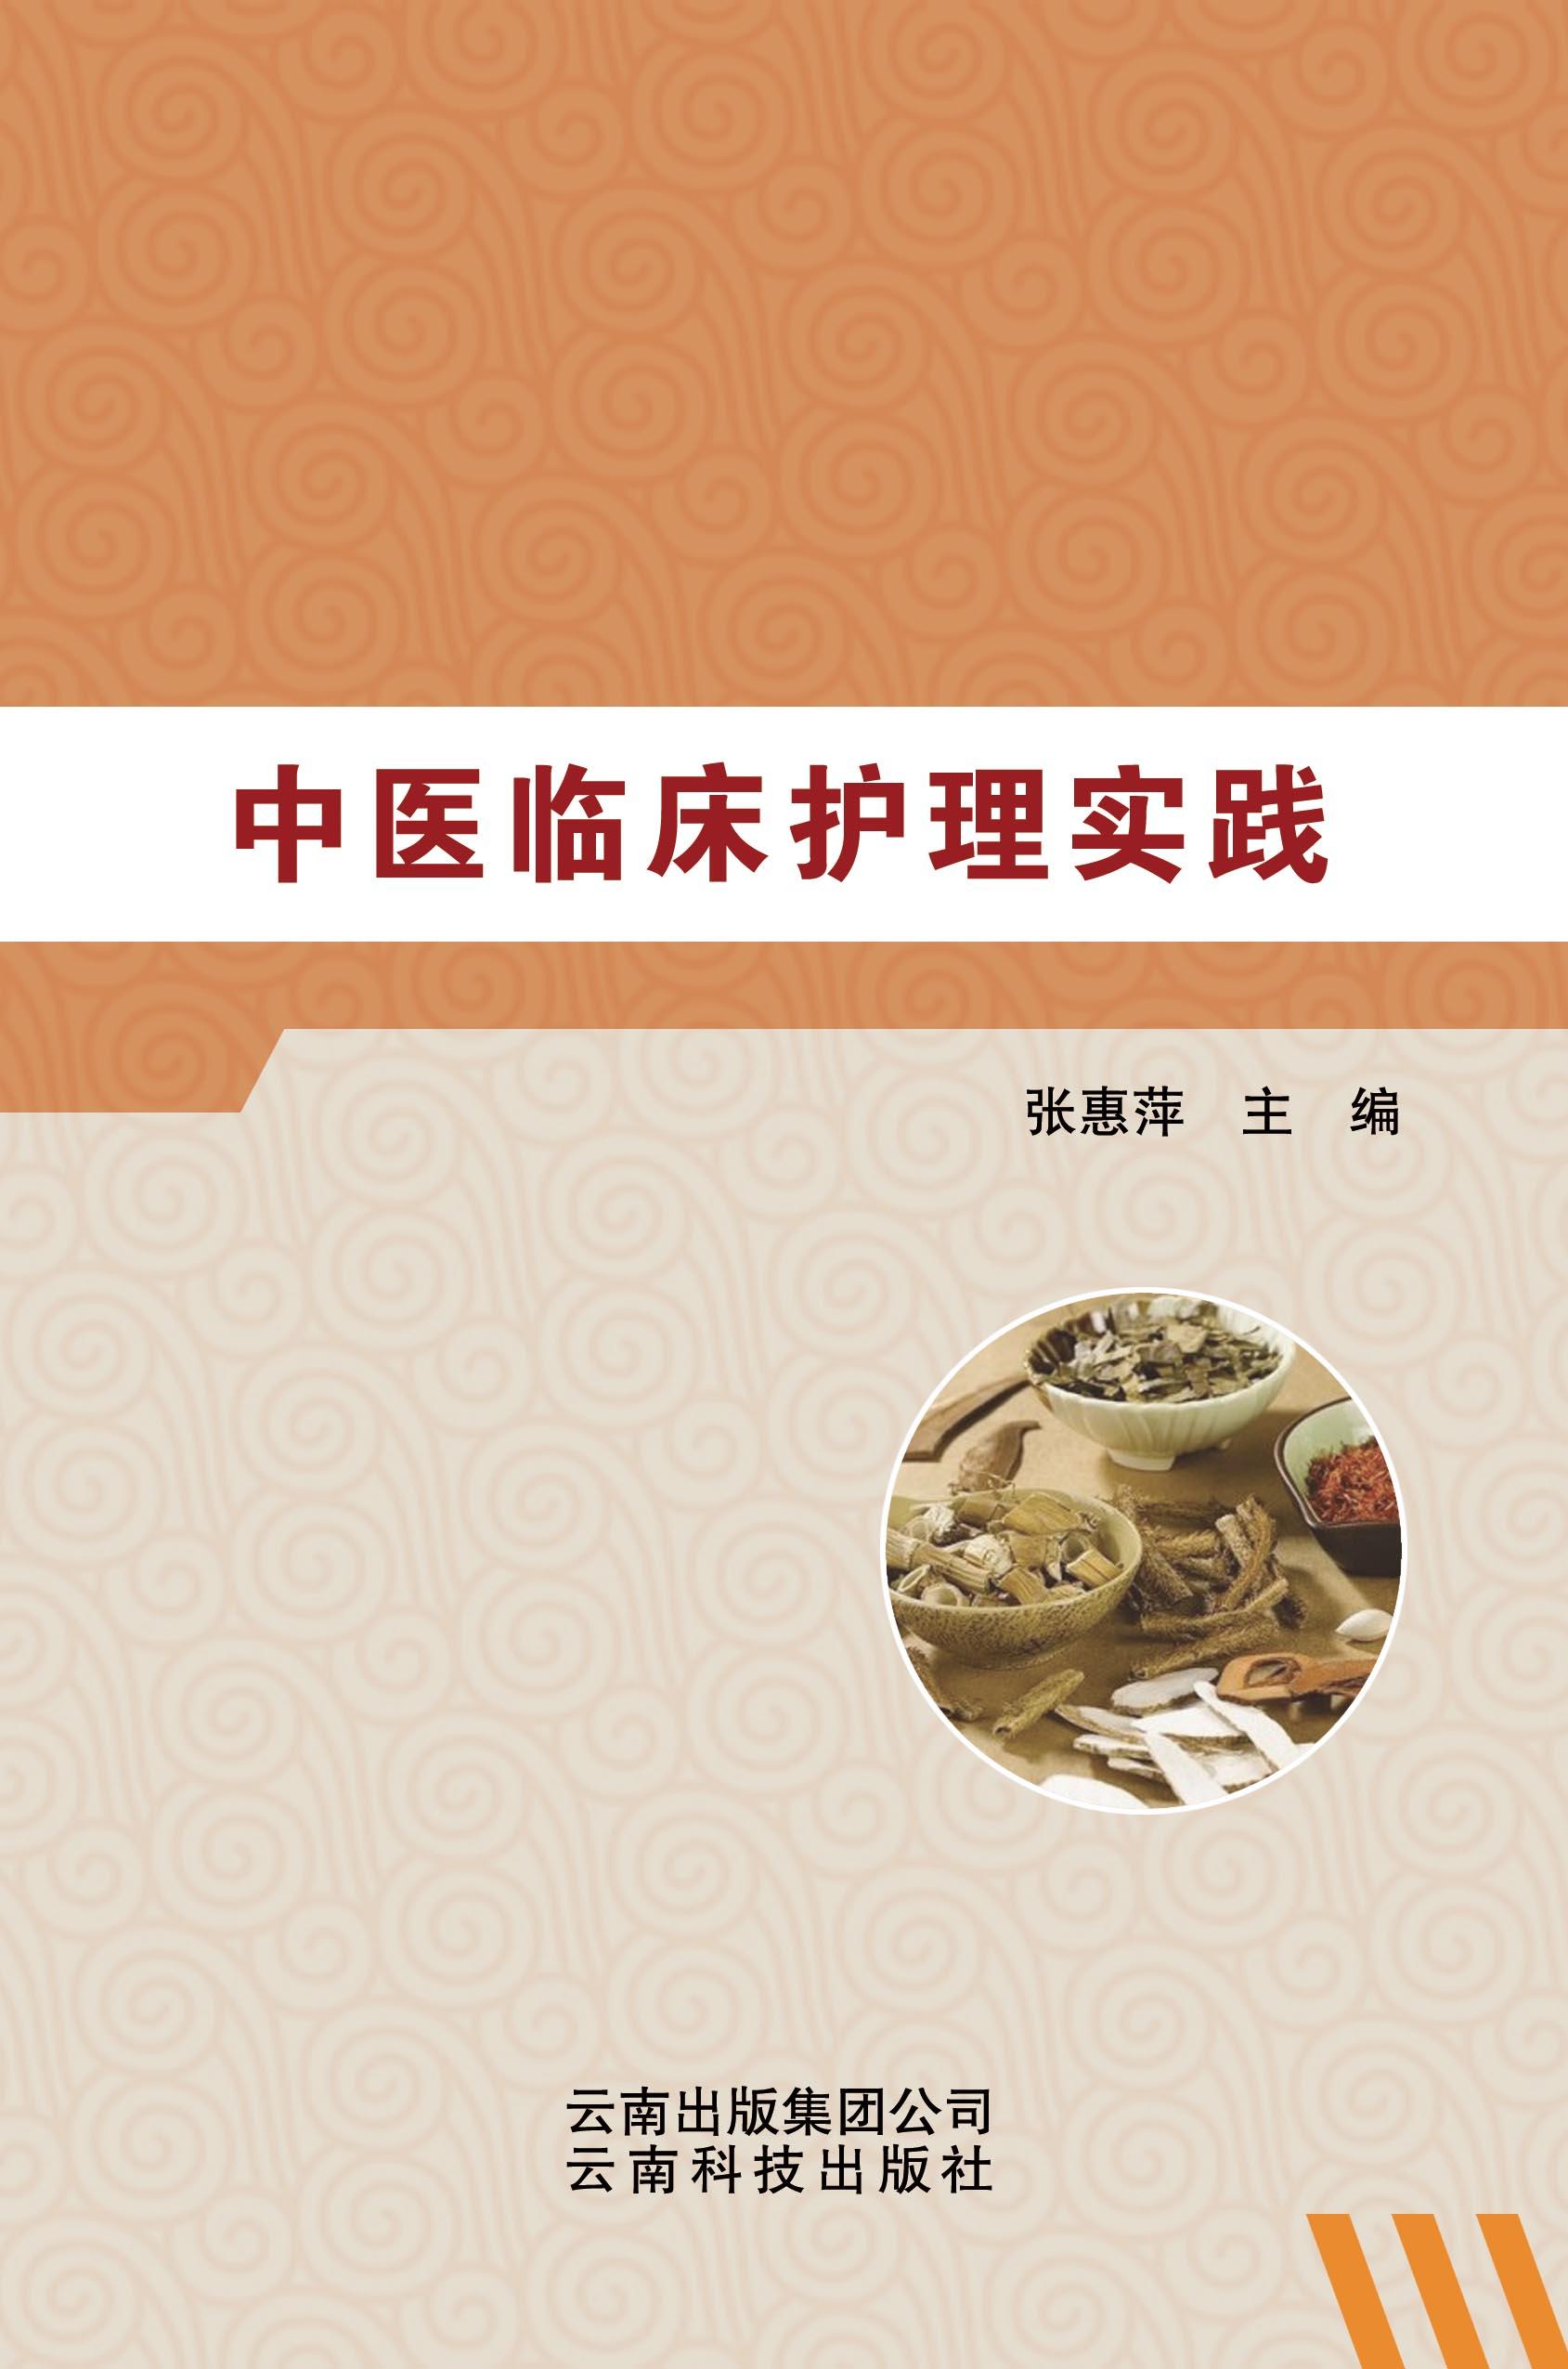 title='中医临床护理实践'